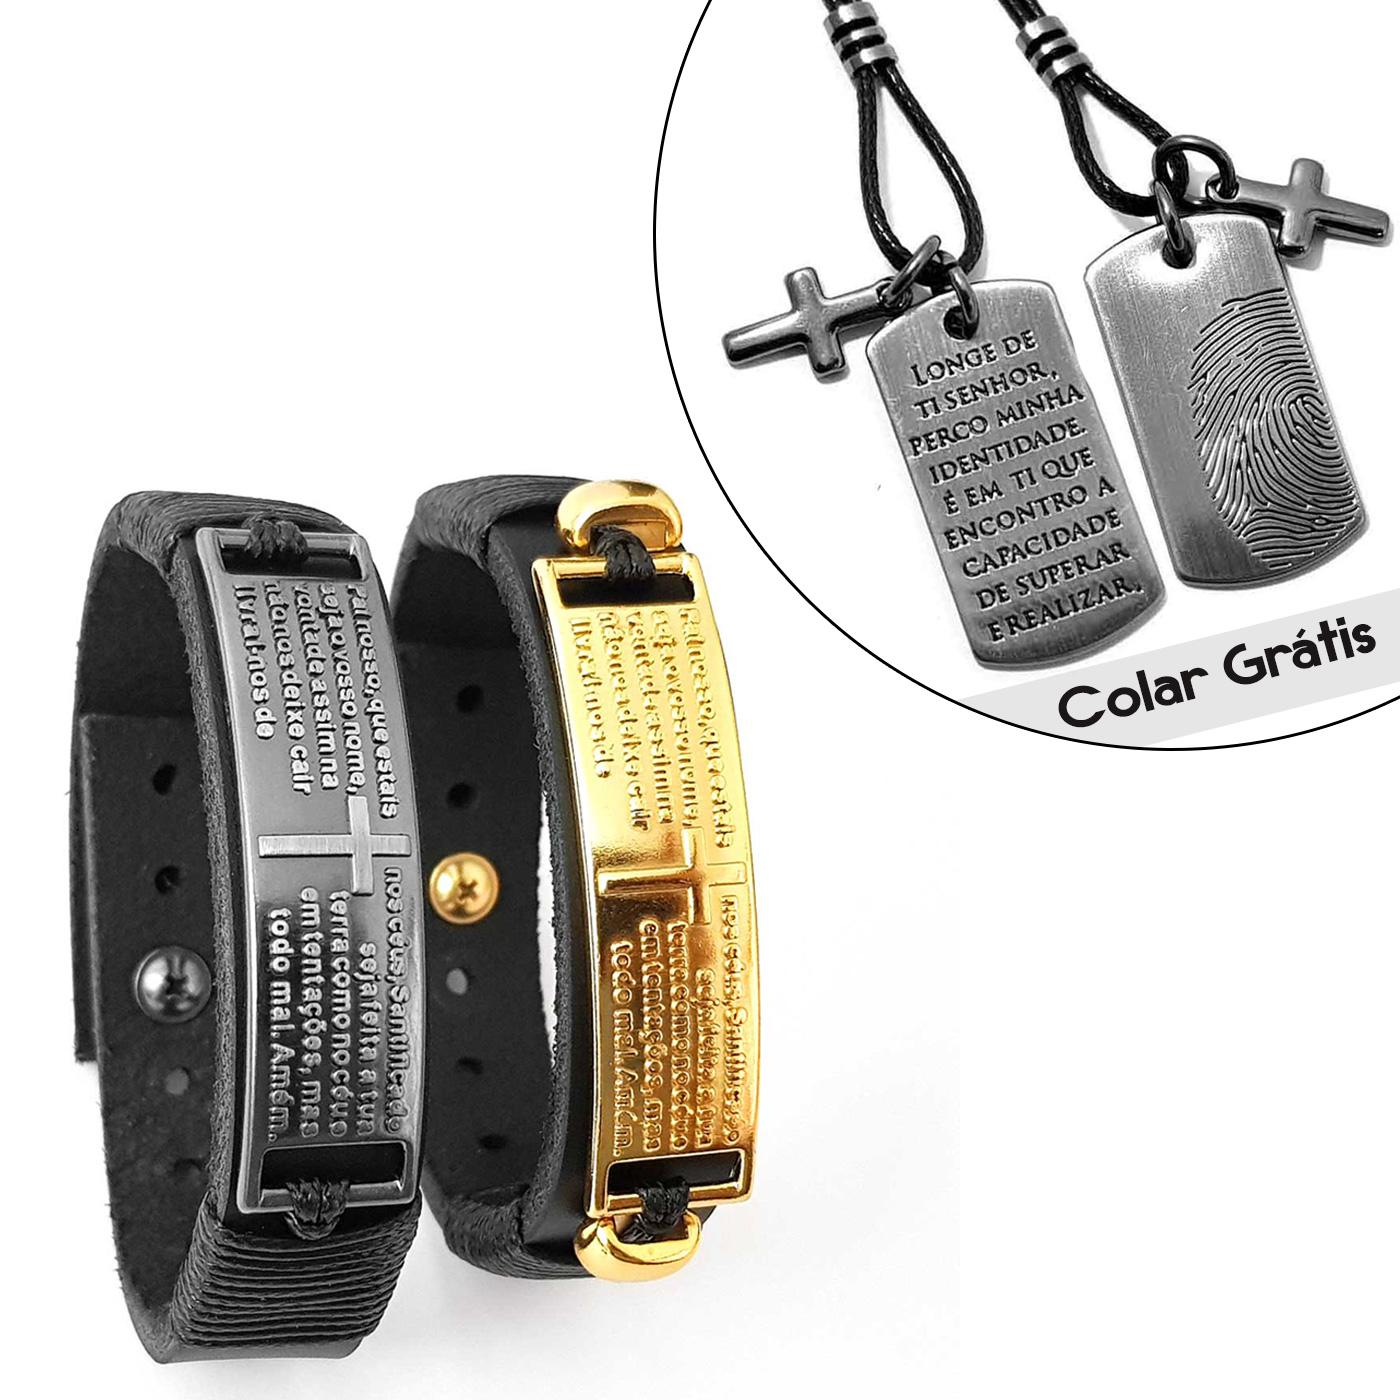 pulseiras-masculinas-pai-nosso-colar-grafite